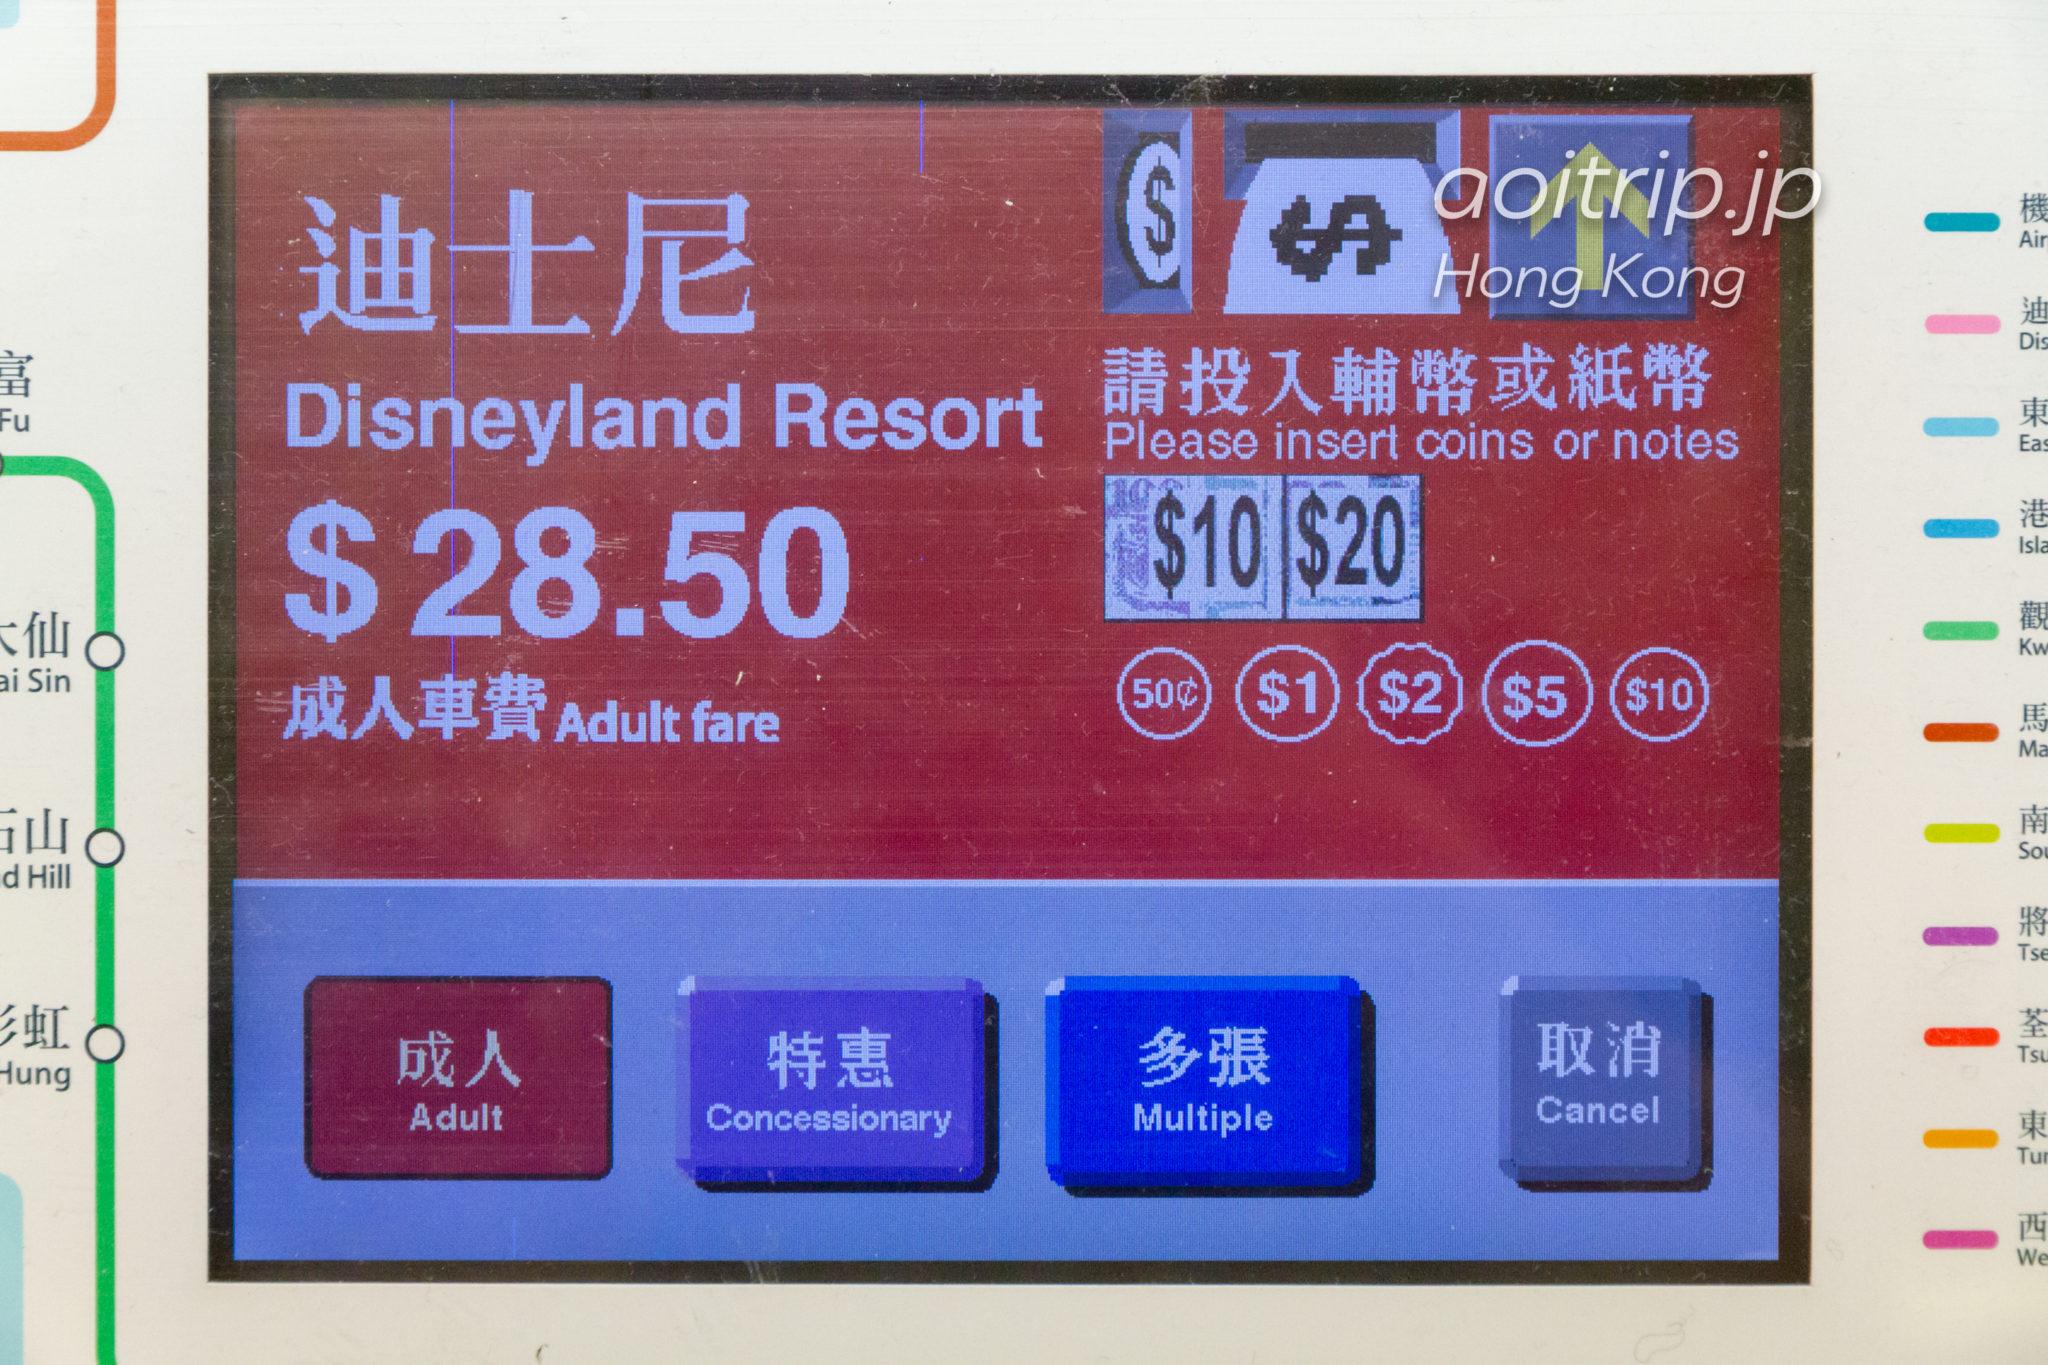 香港の地下鉄MTR 切符の買い方手順